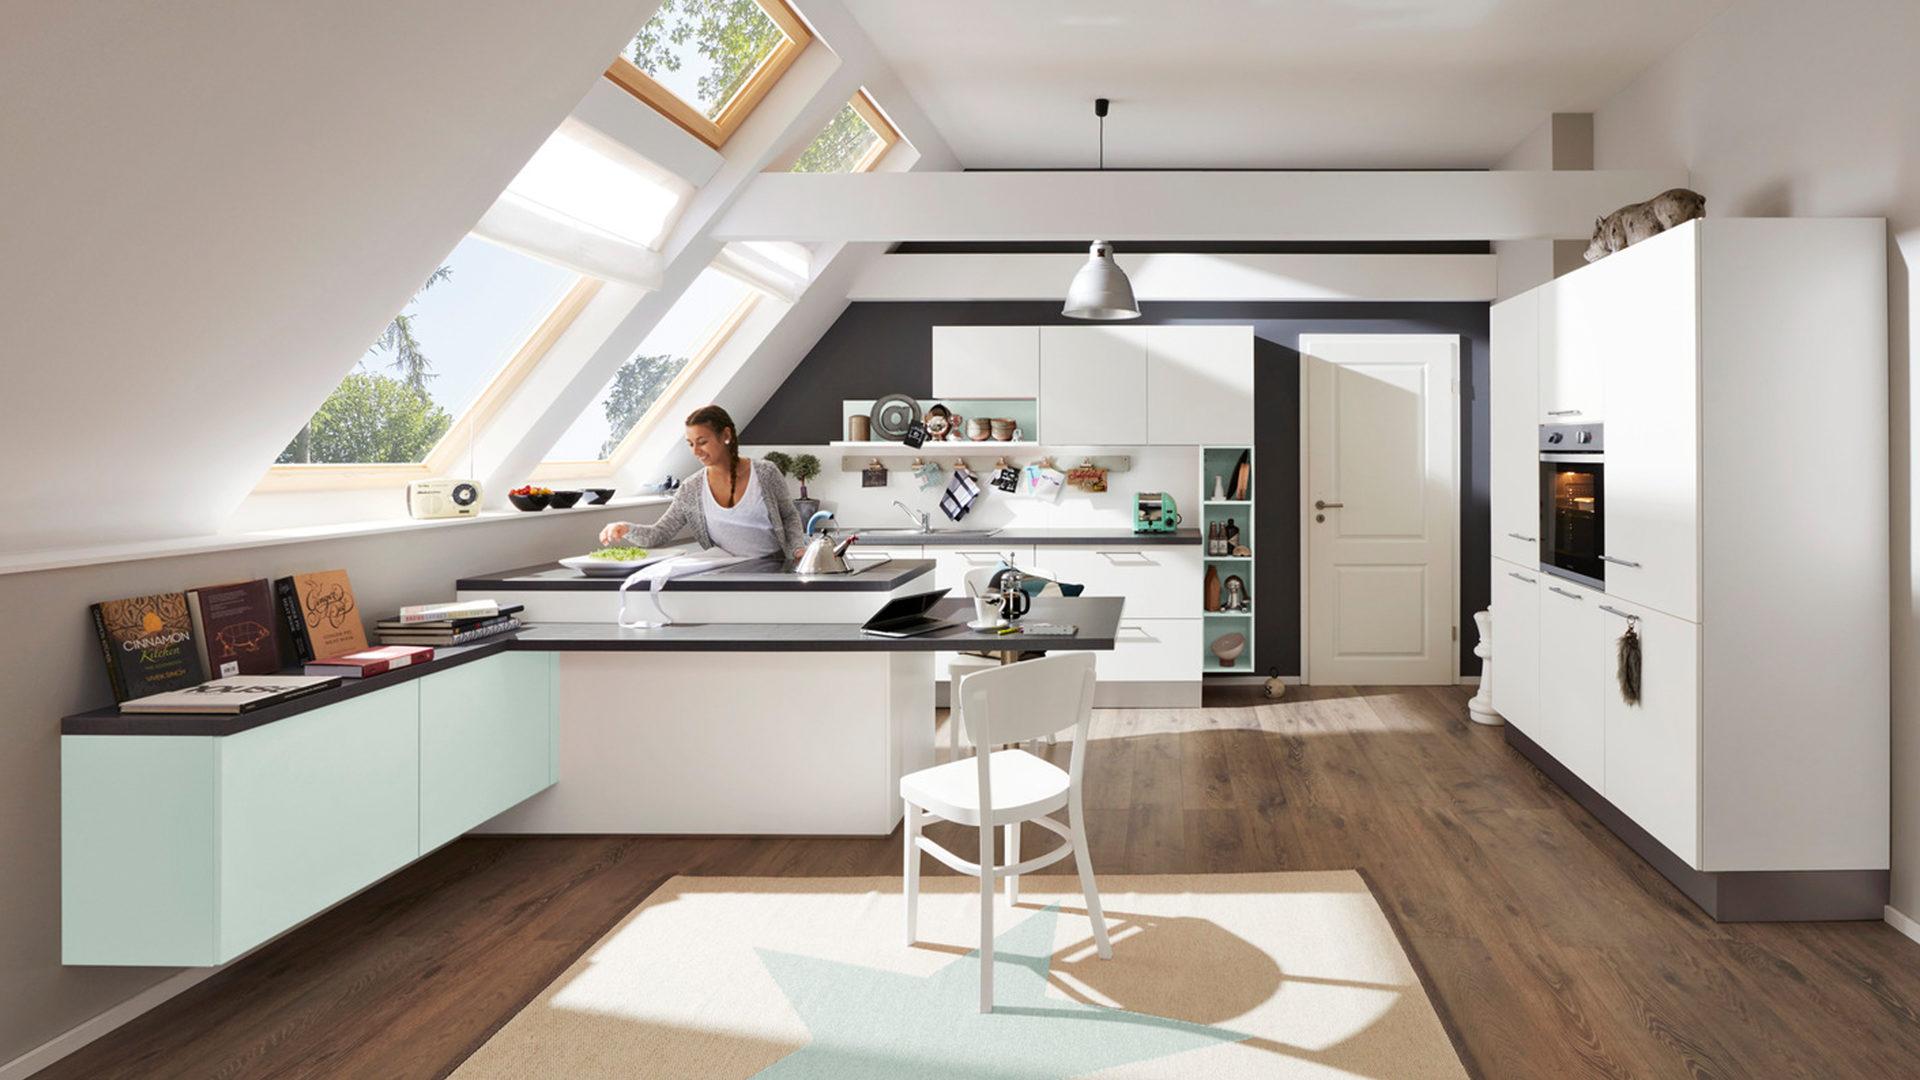 Einbauküche Frankfurt möbelland hochtaunus bad homburg bei frankfurt räume küche